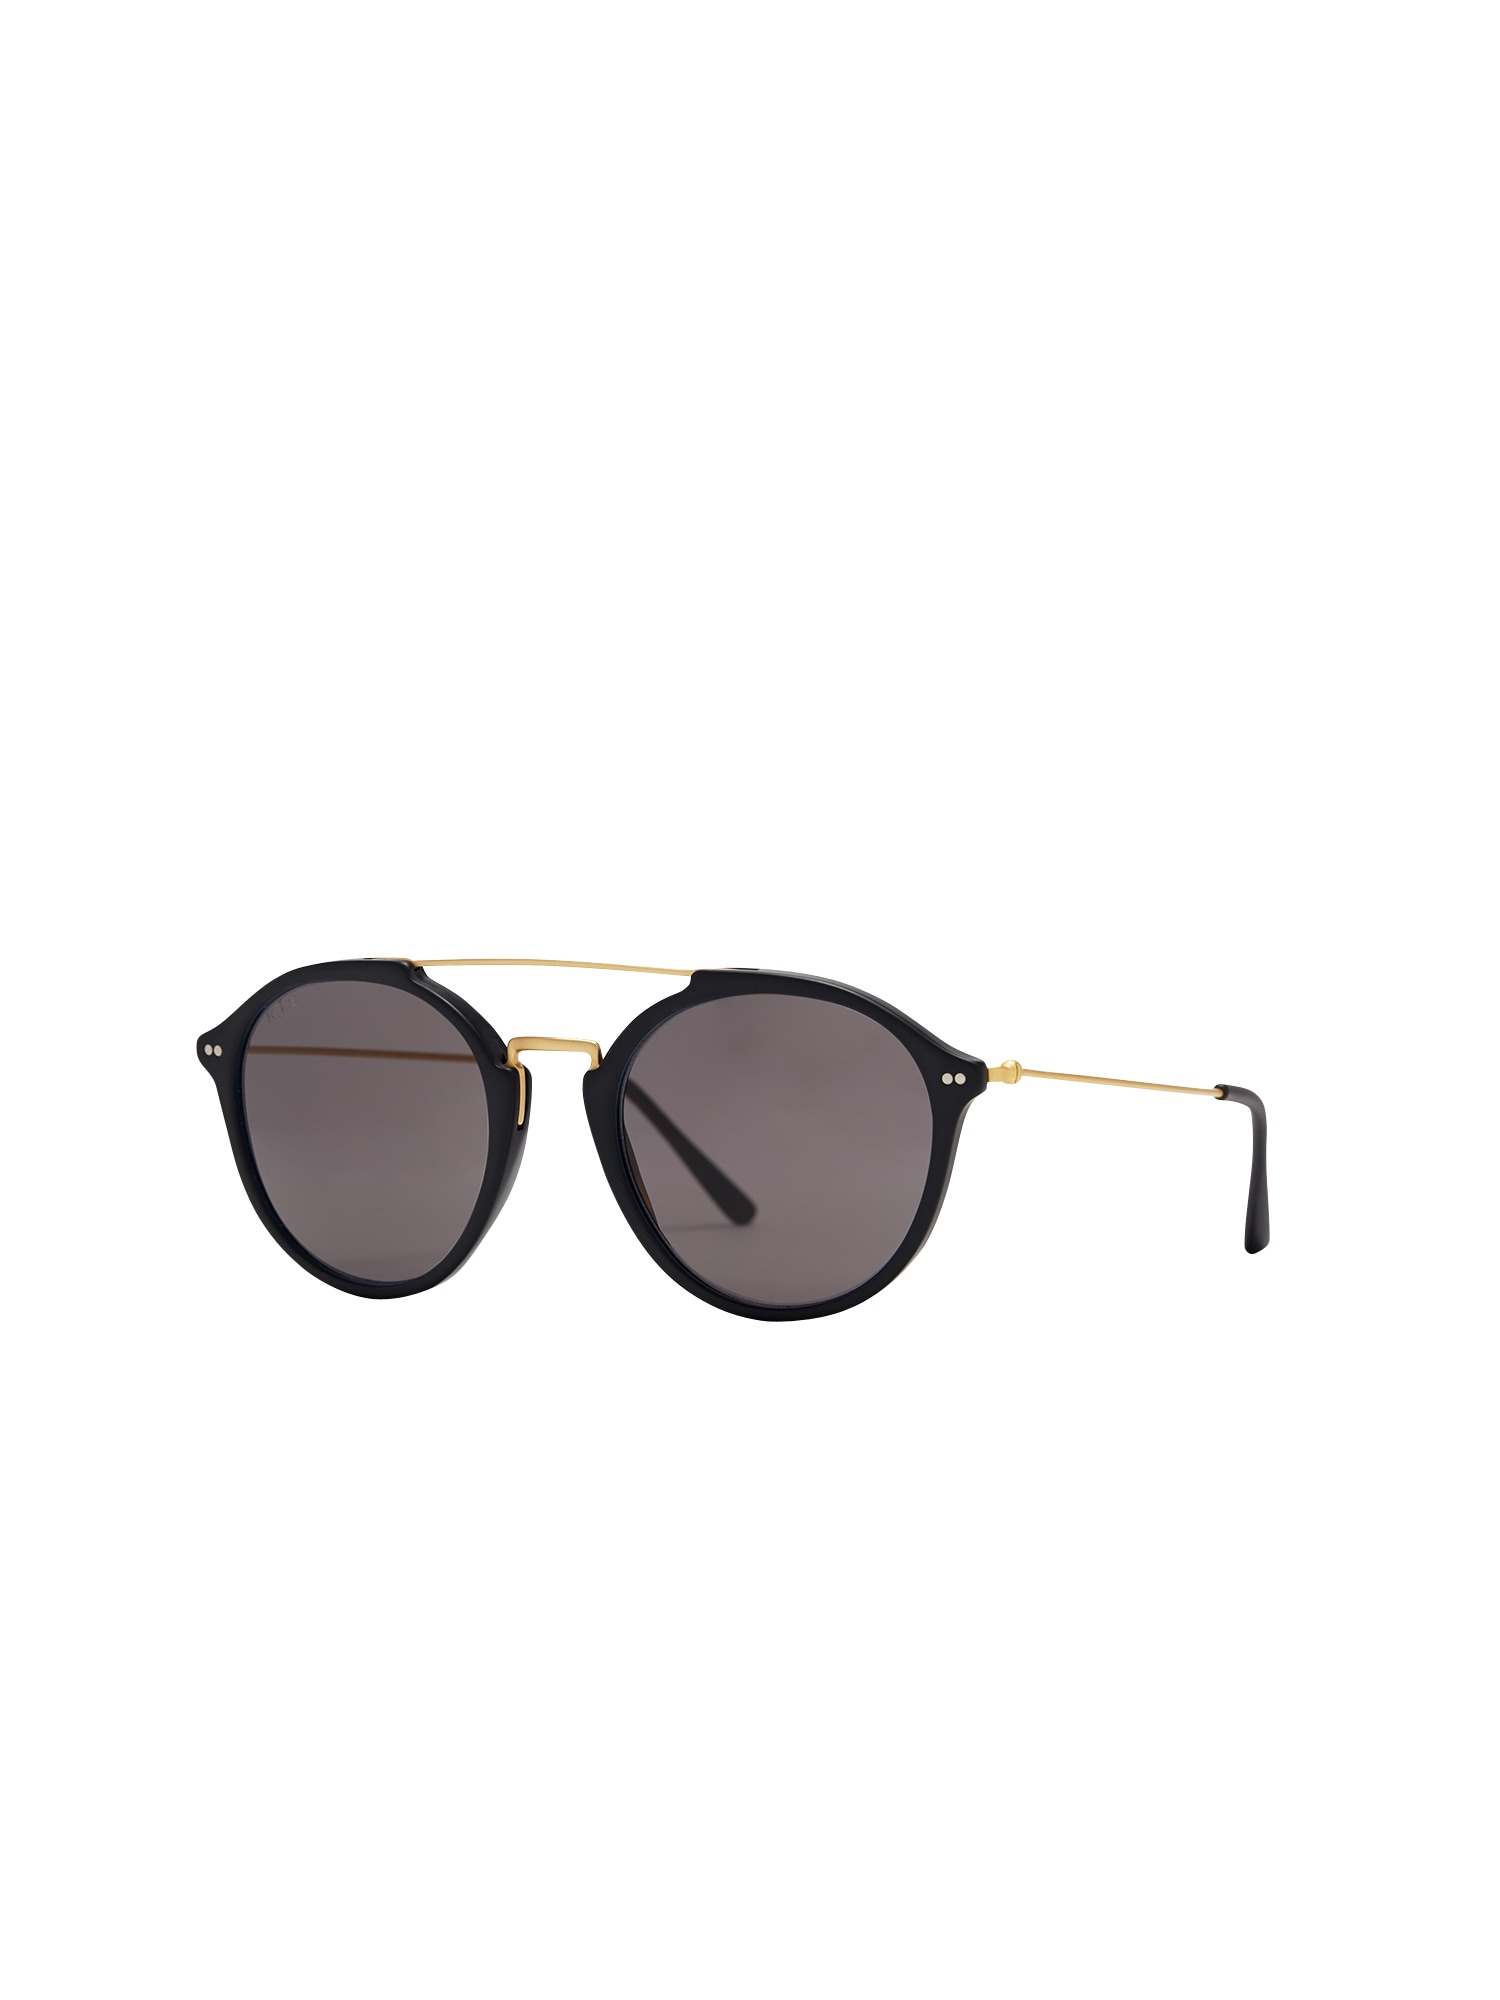 Sluneční brýle Fitzroy zlatá černá Kapten & Son